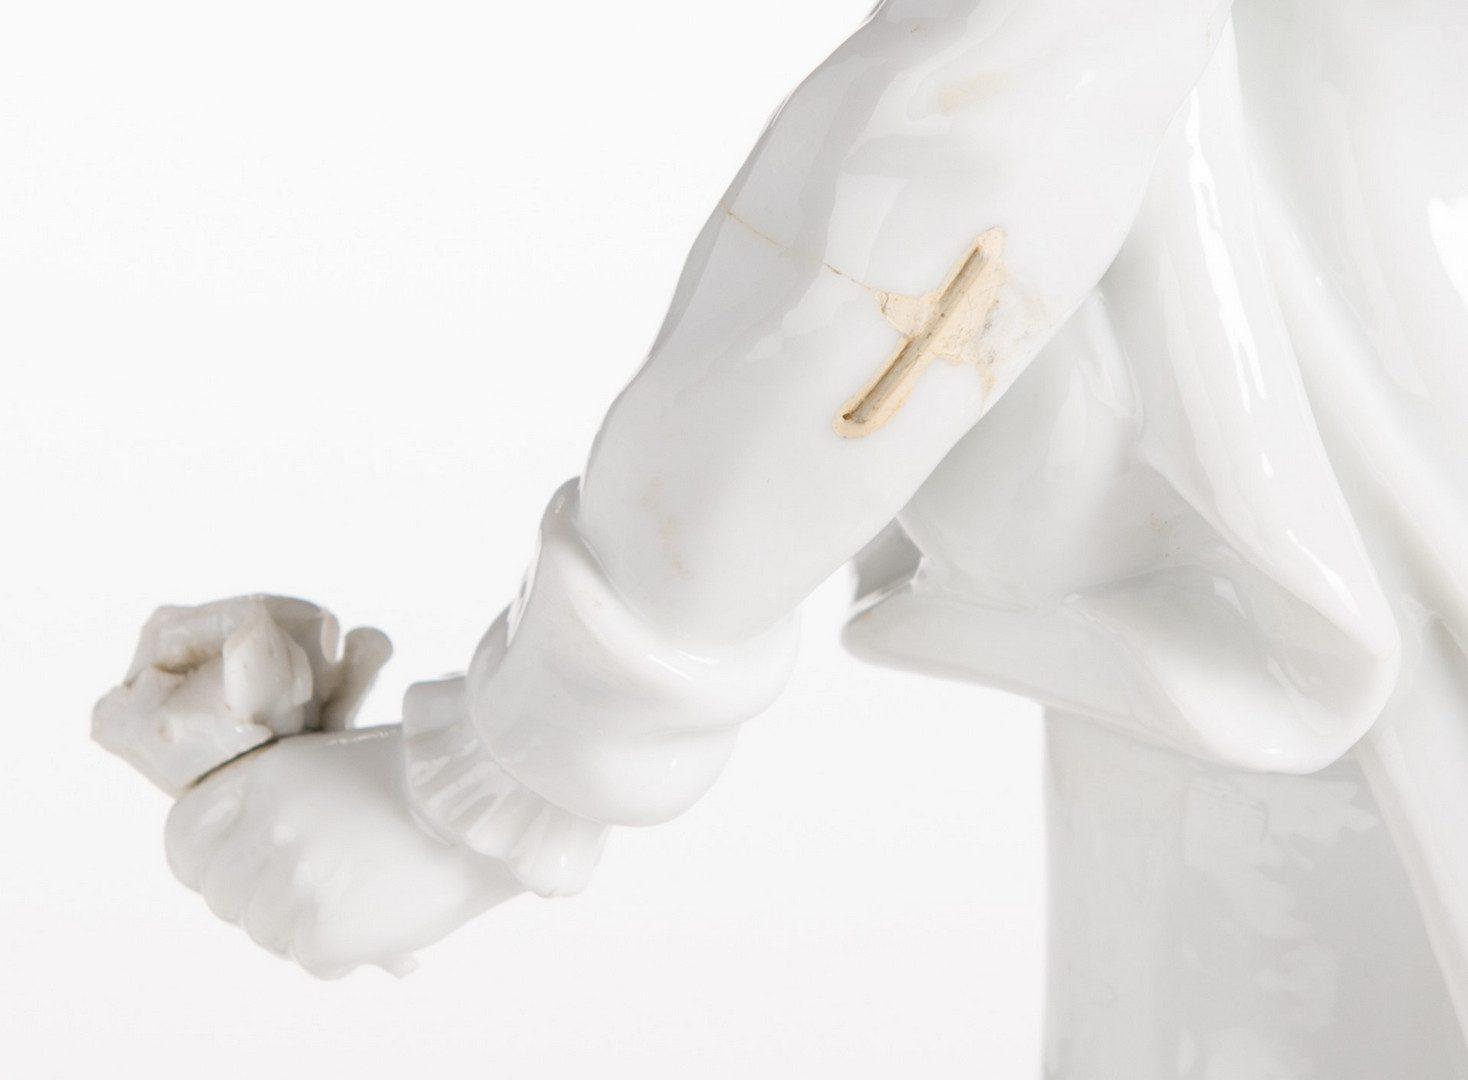 Lot 135: 3 Blanc de Chine Porcelain Figures, inc. Meissen